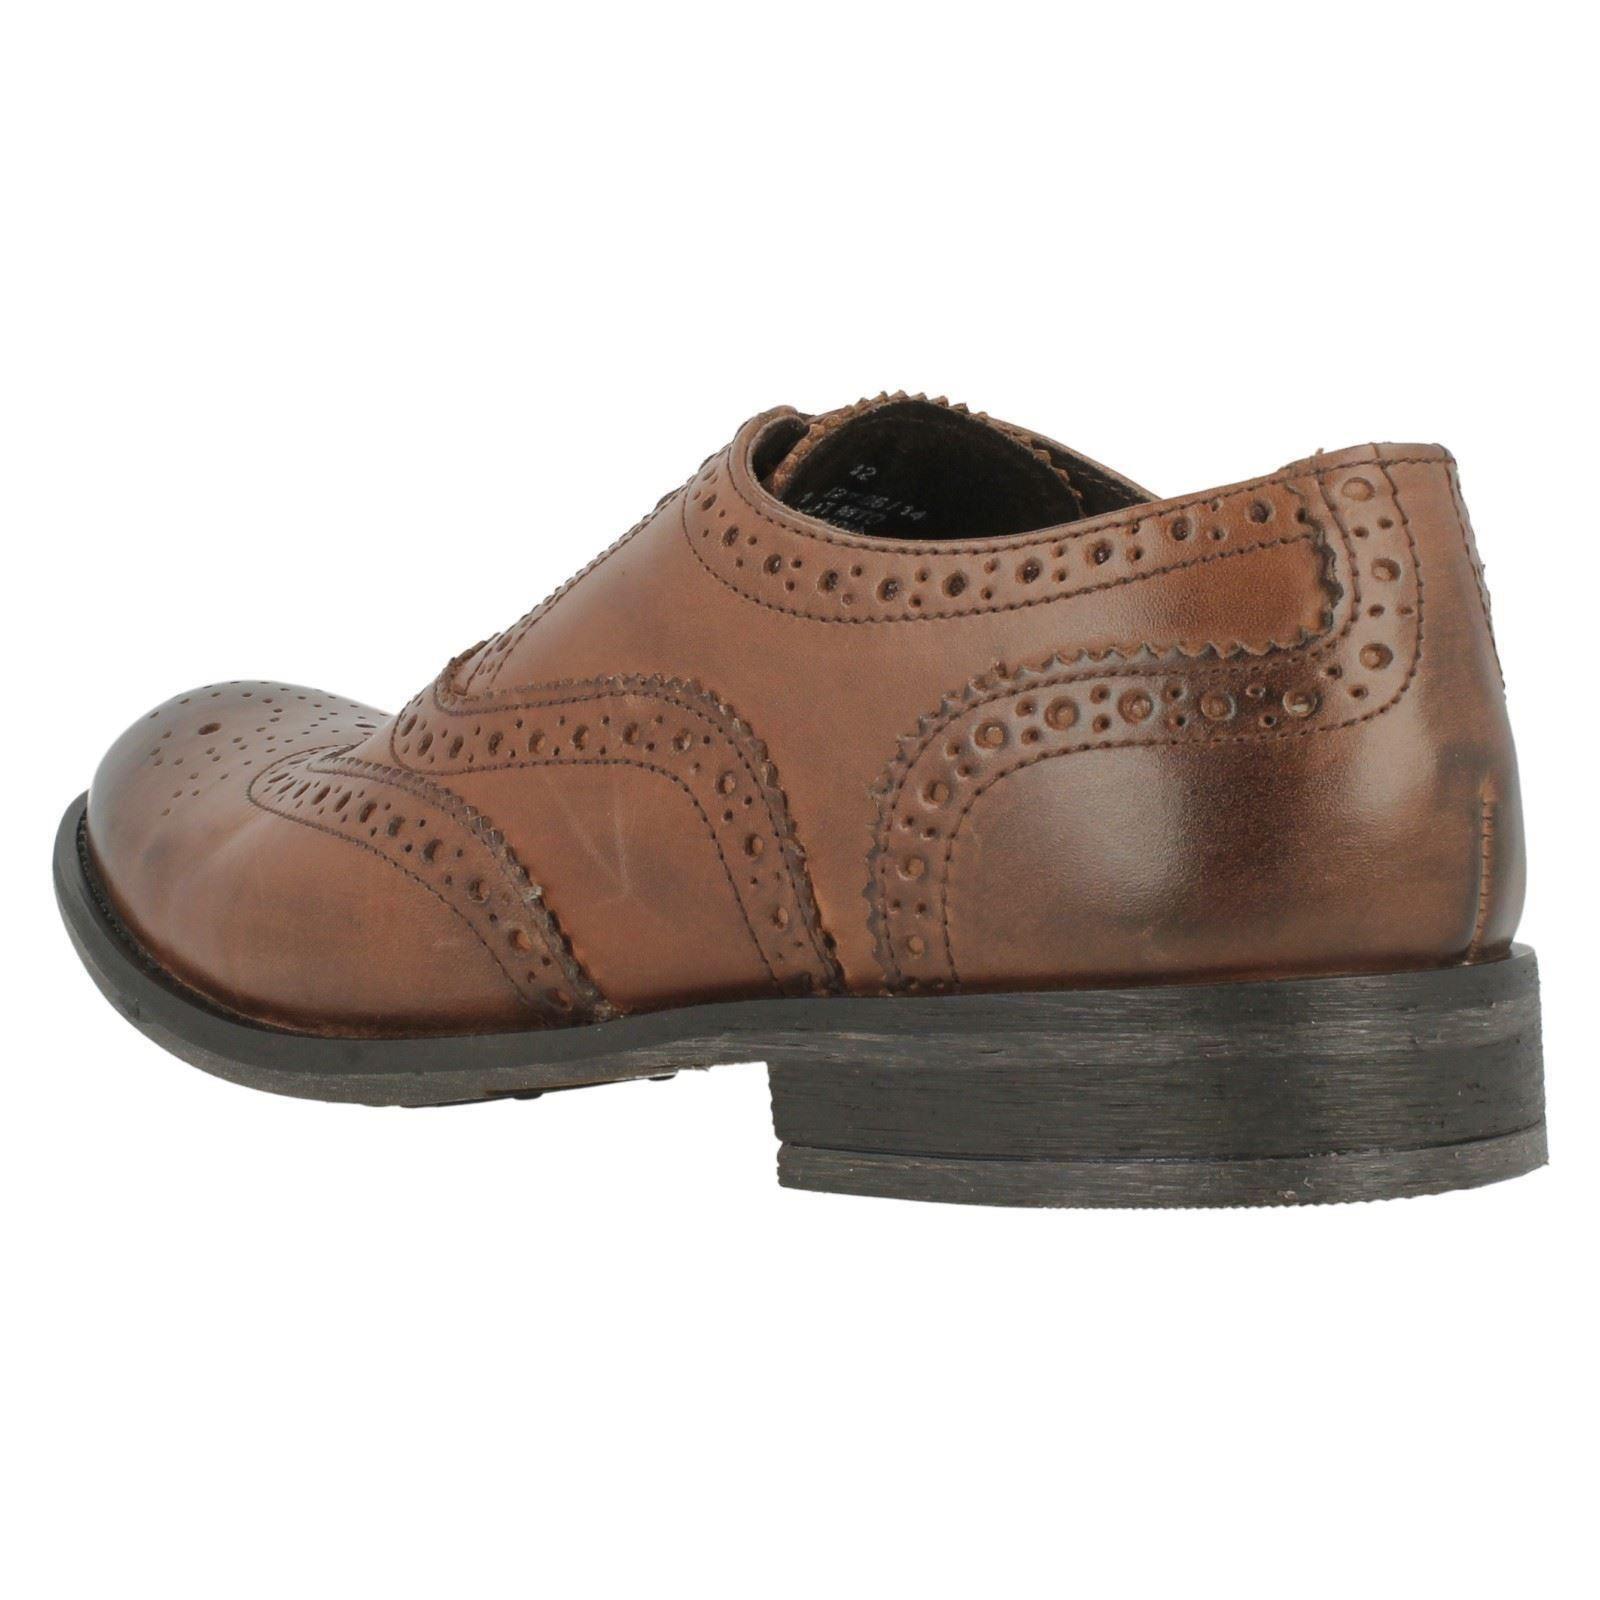 Ausverkauf Brogues Herren hellbraun Leder Schnürbar Brogues Ausverkauf Schuhe von Base 5a5dc5